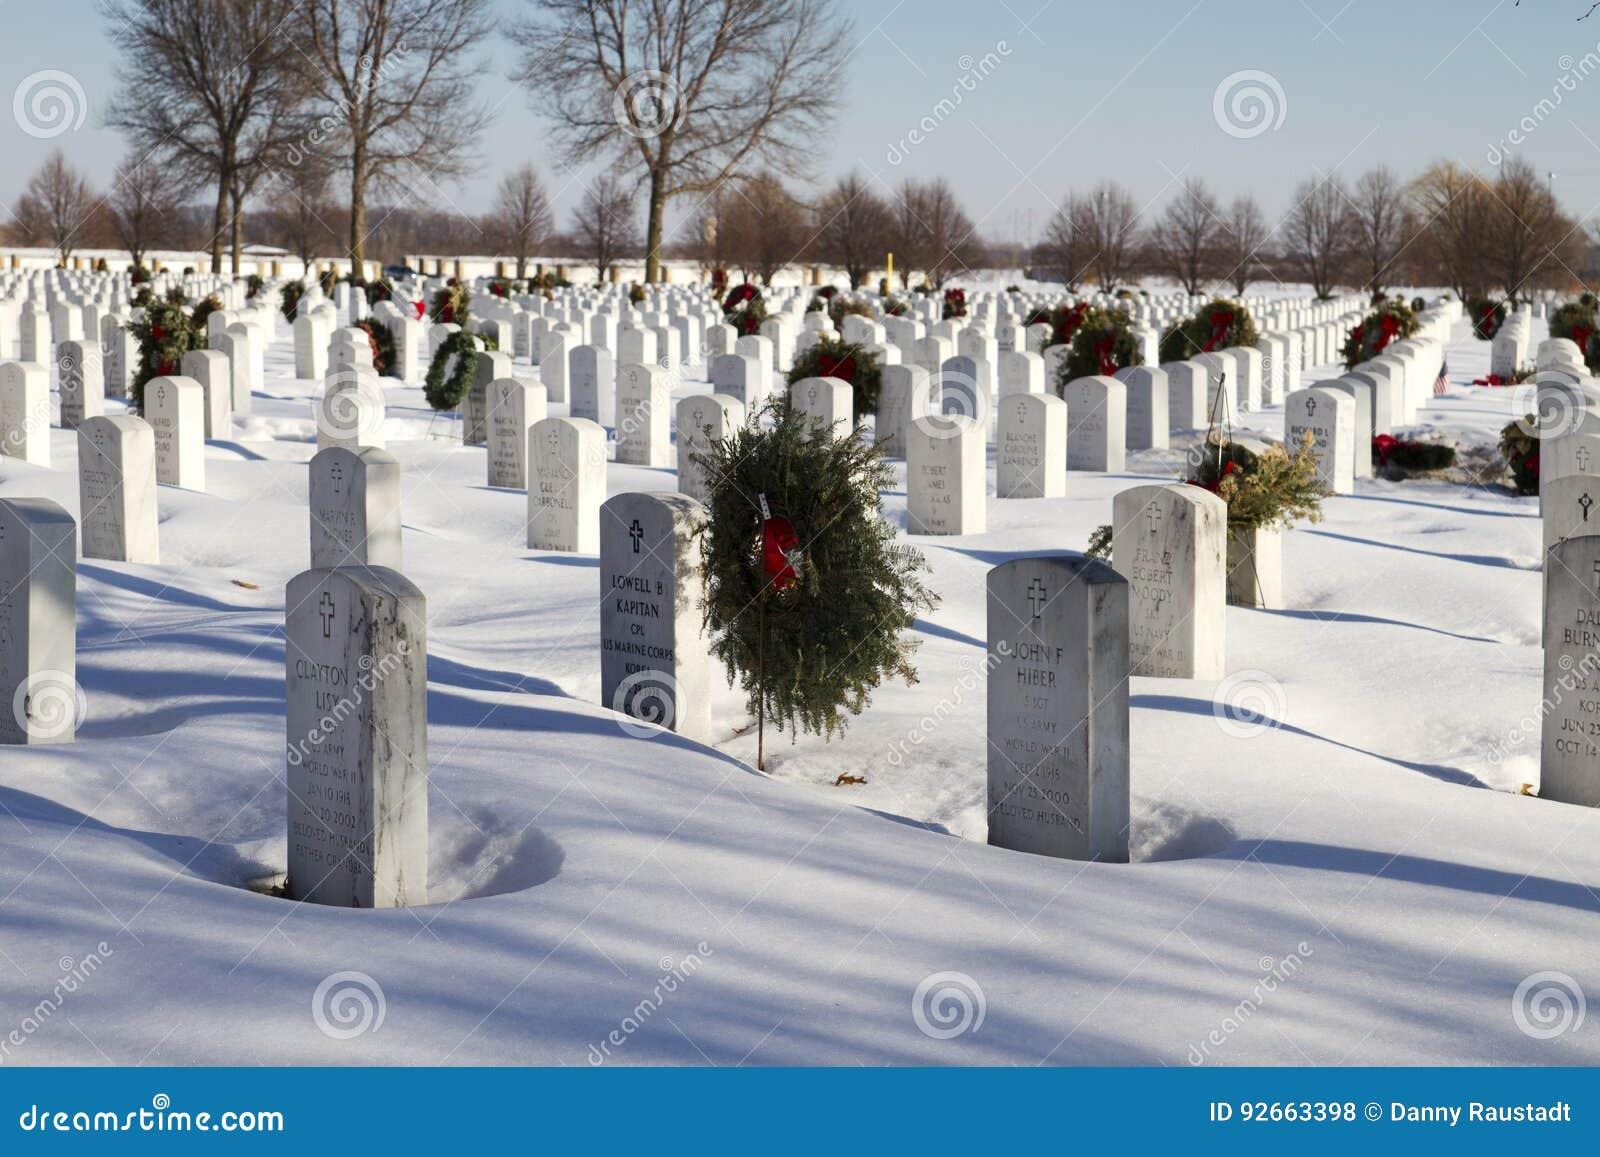 Cimetière militaire commémoratif national